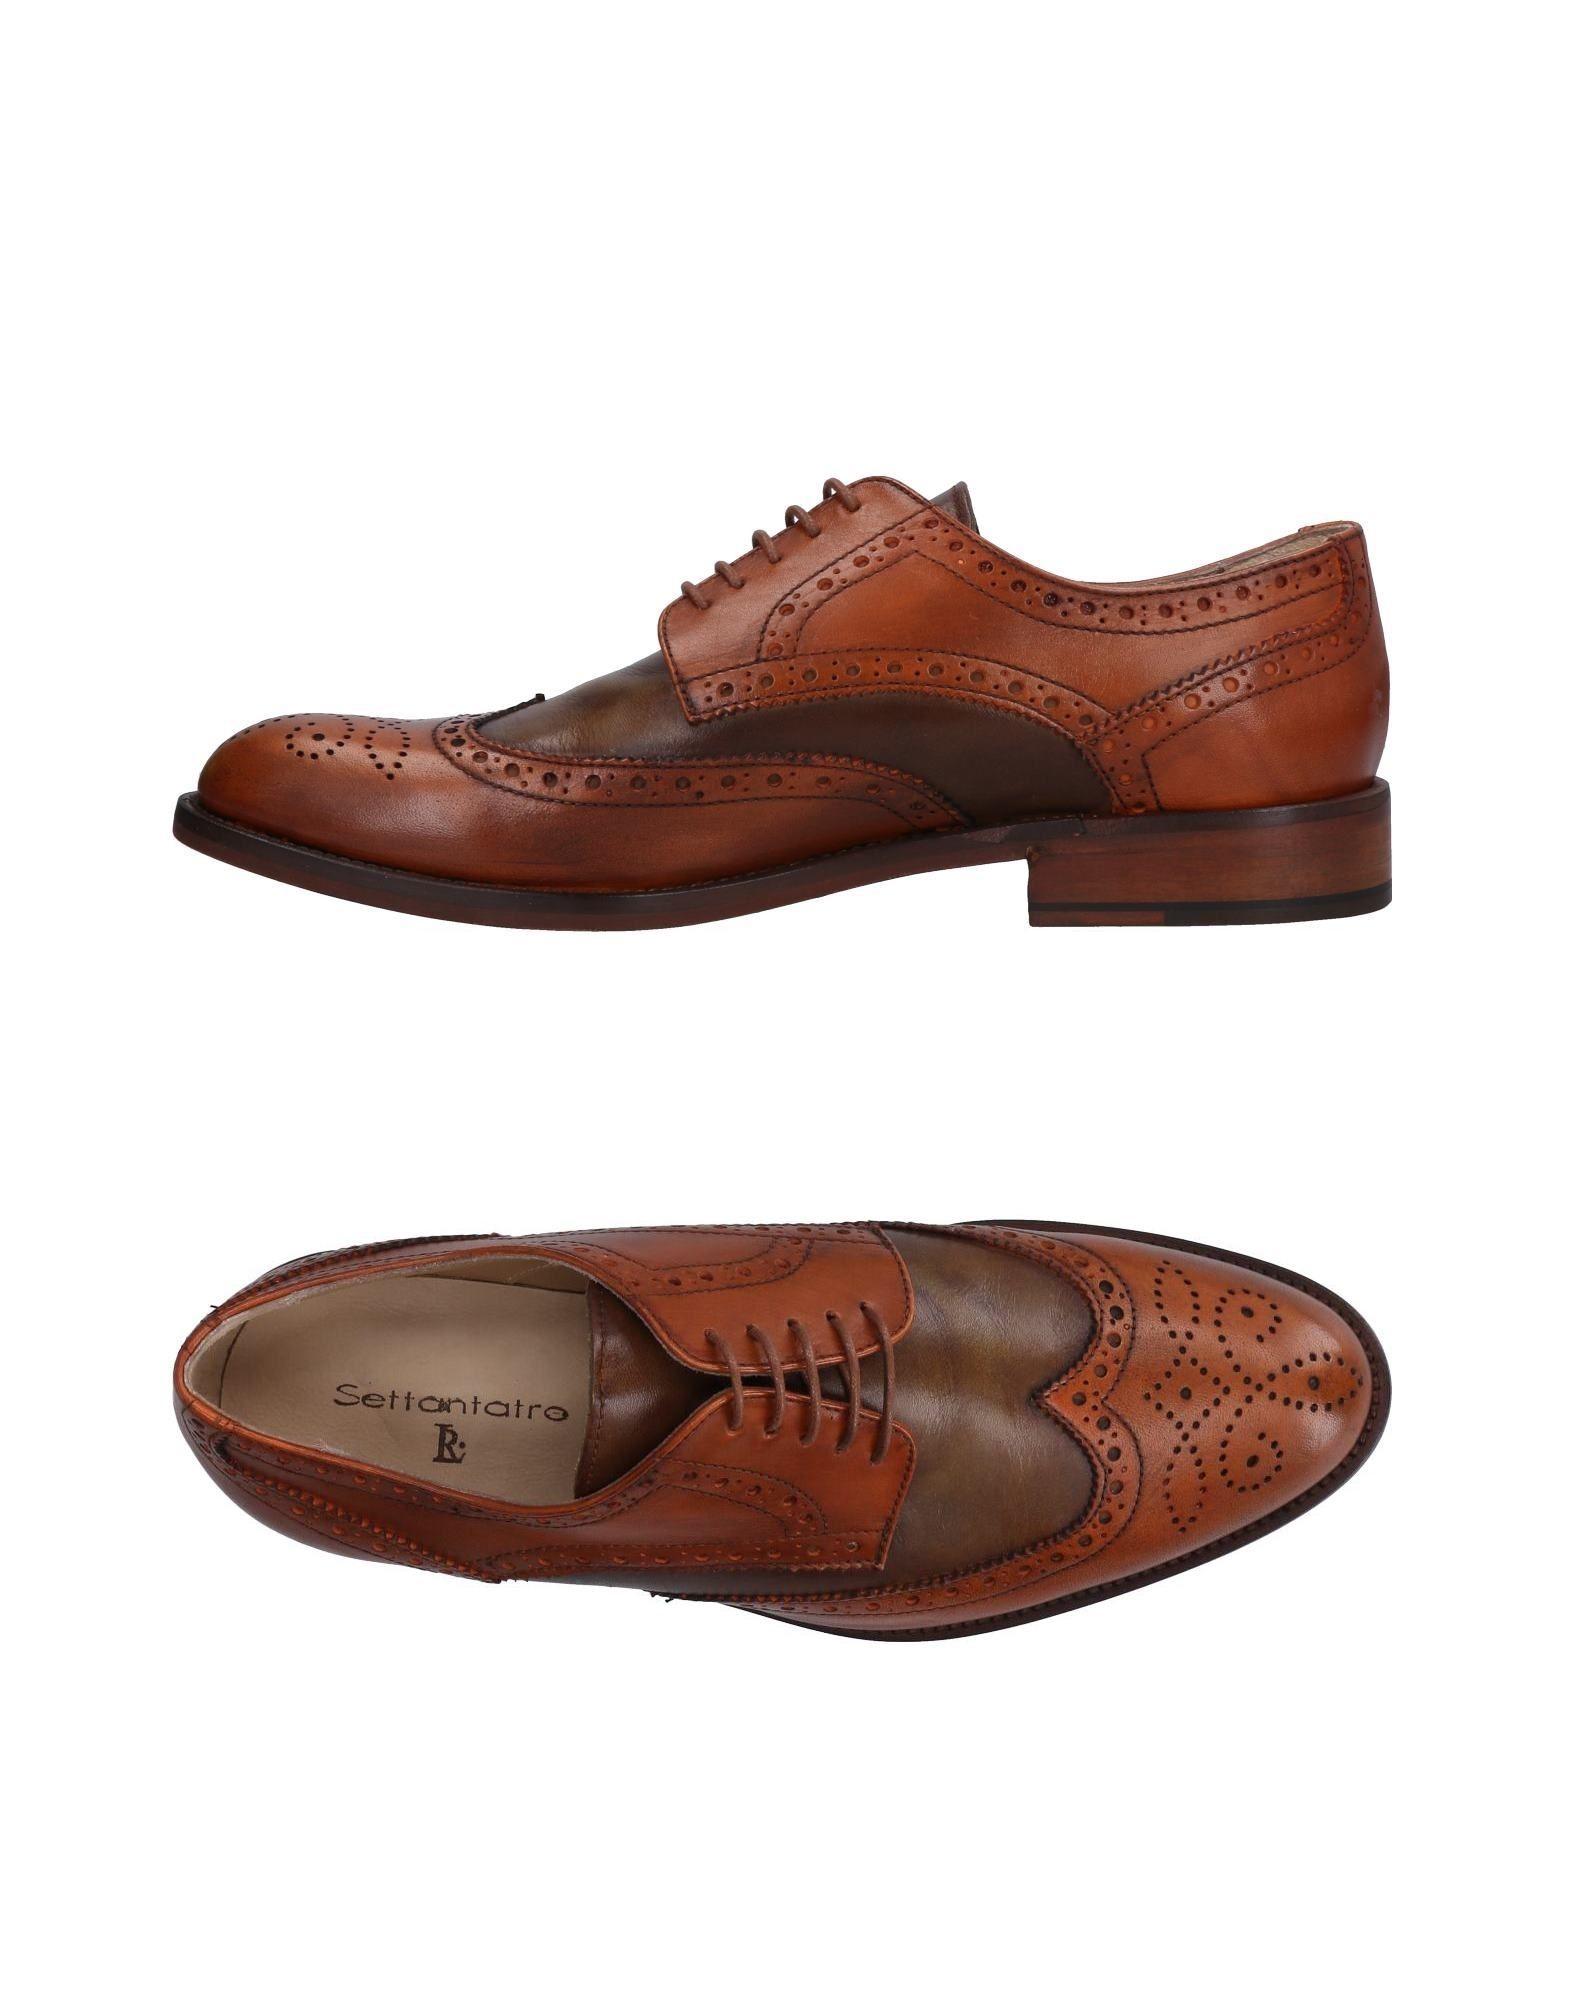 Settantatre Lr Schnürschuhe Herren  11518051LO Gute Qualität beliebte Schuhe